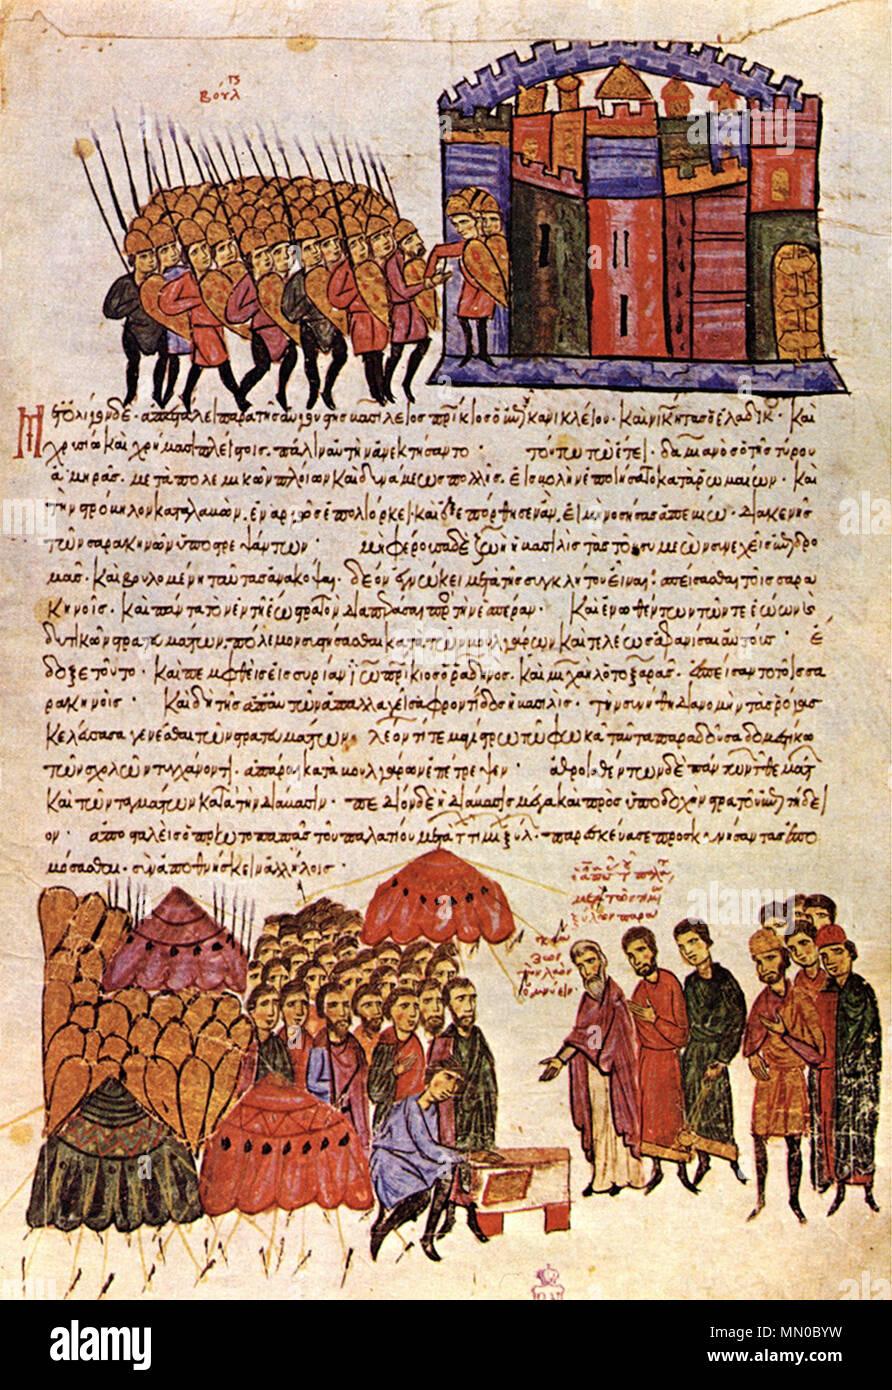 battle of hadrianopolis